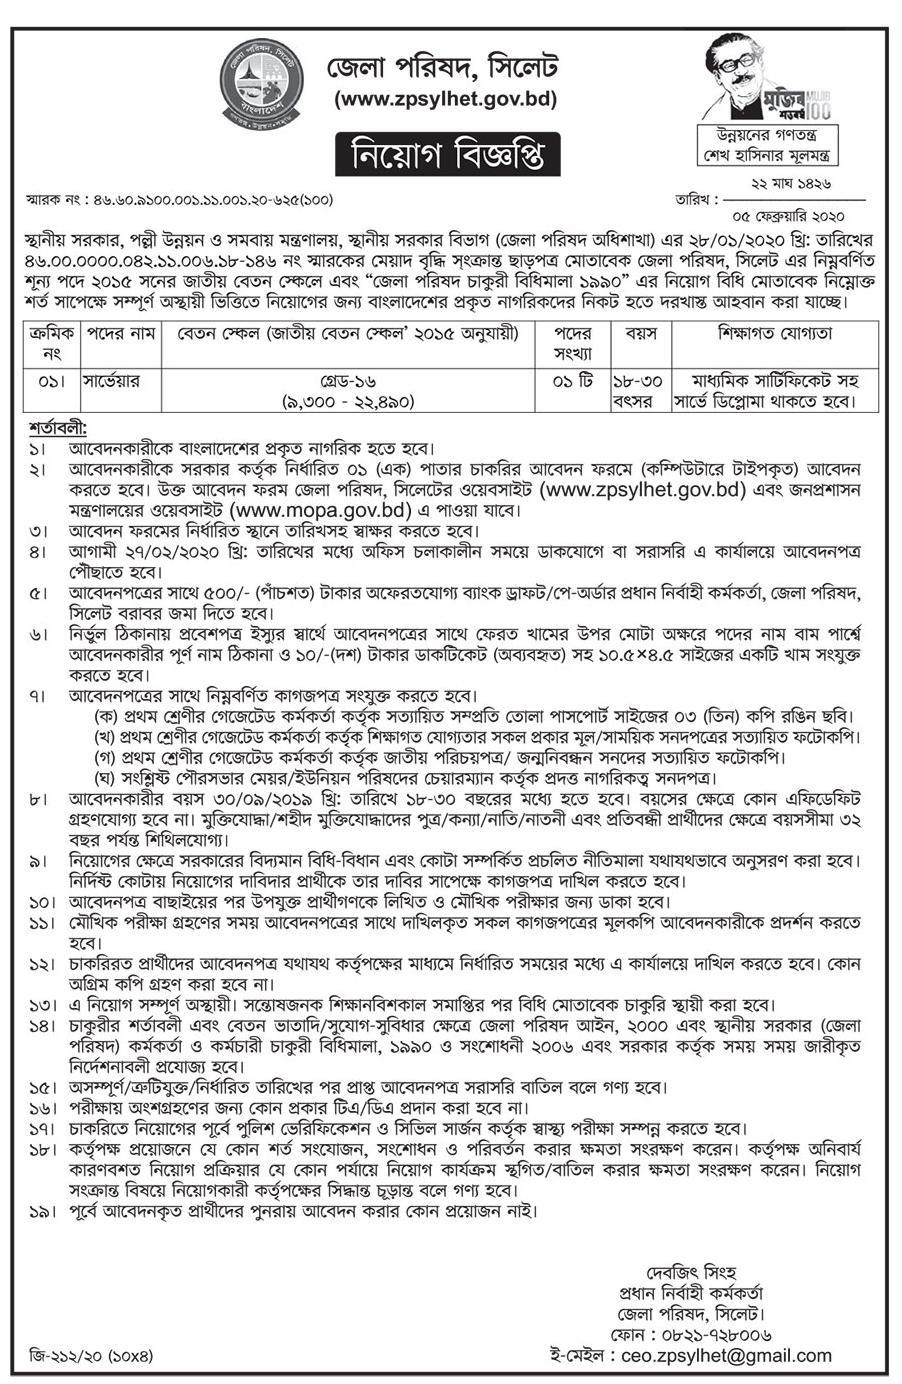 Sylhet Zila Parishad Job Circular 2020